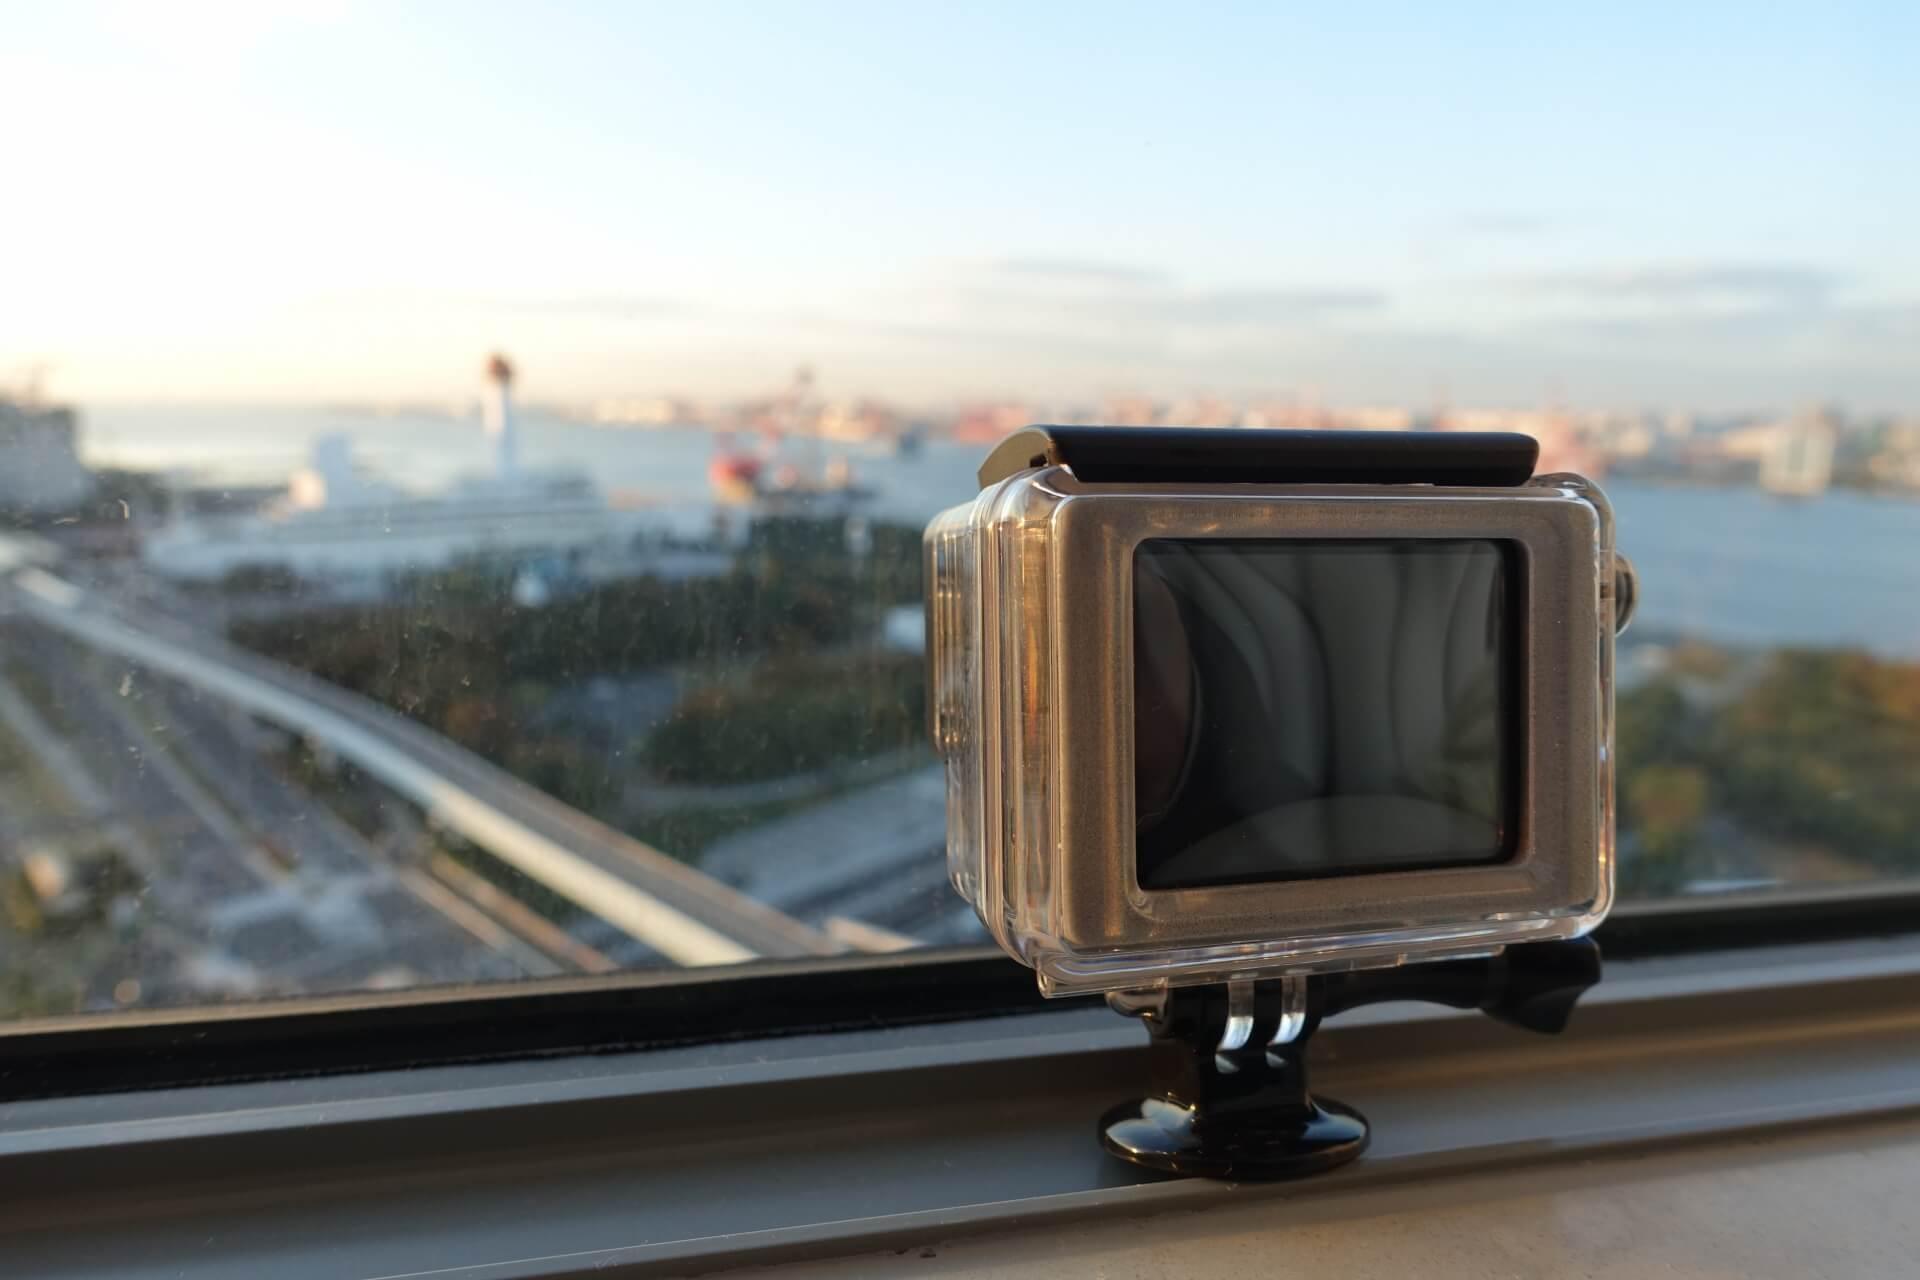 アクションカメラのおすすめ商品13選。選び方のポイントも紹介